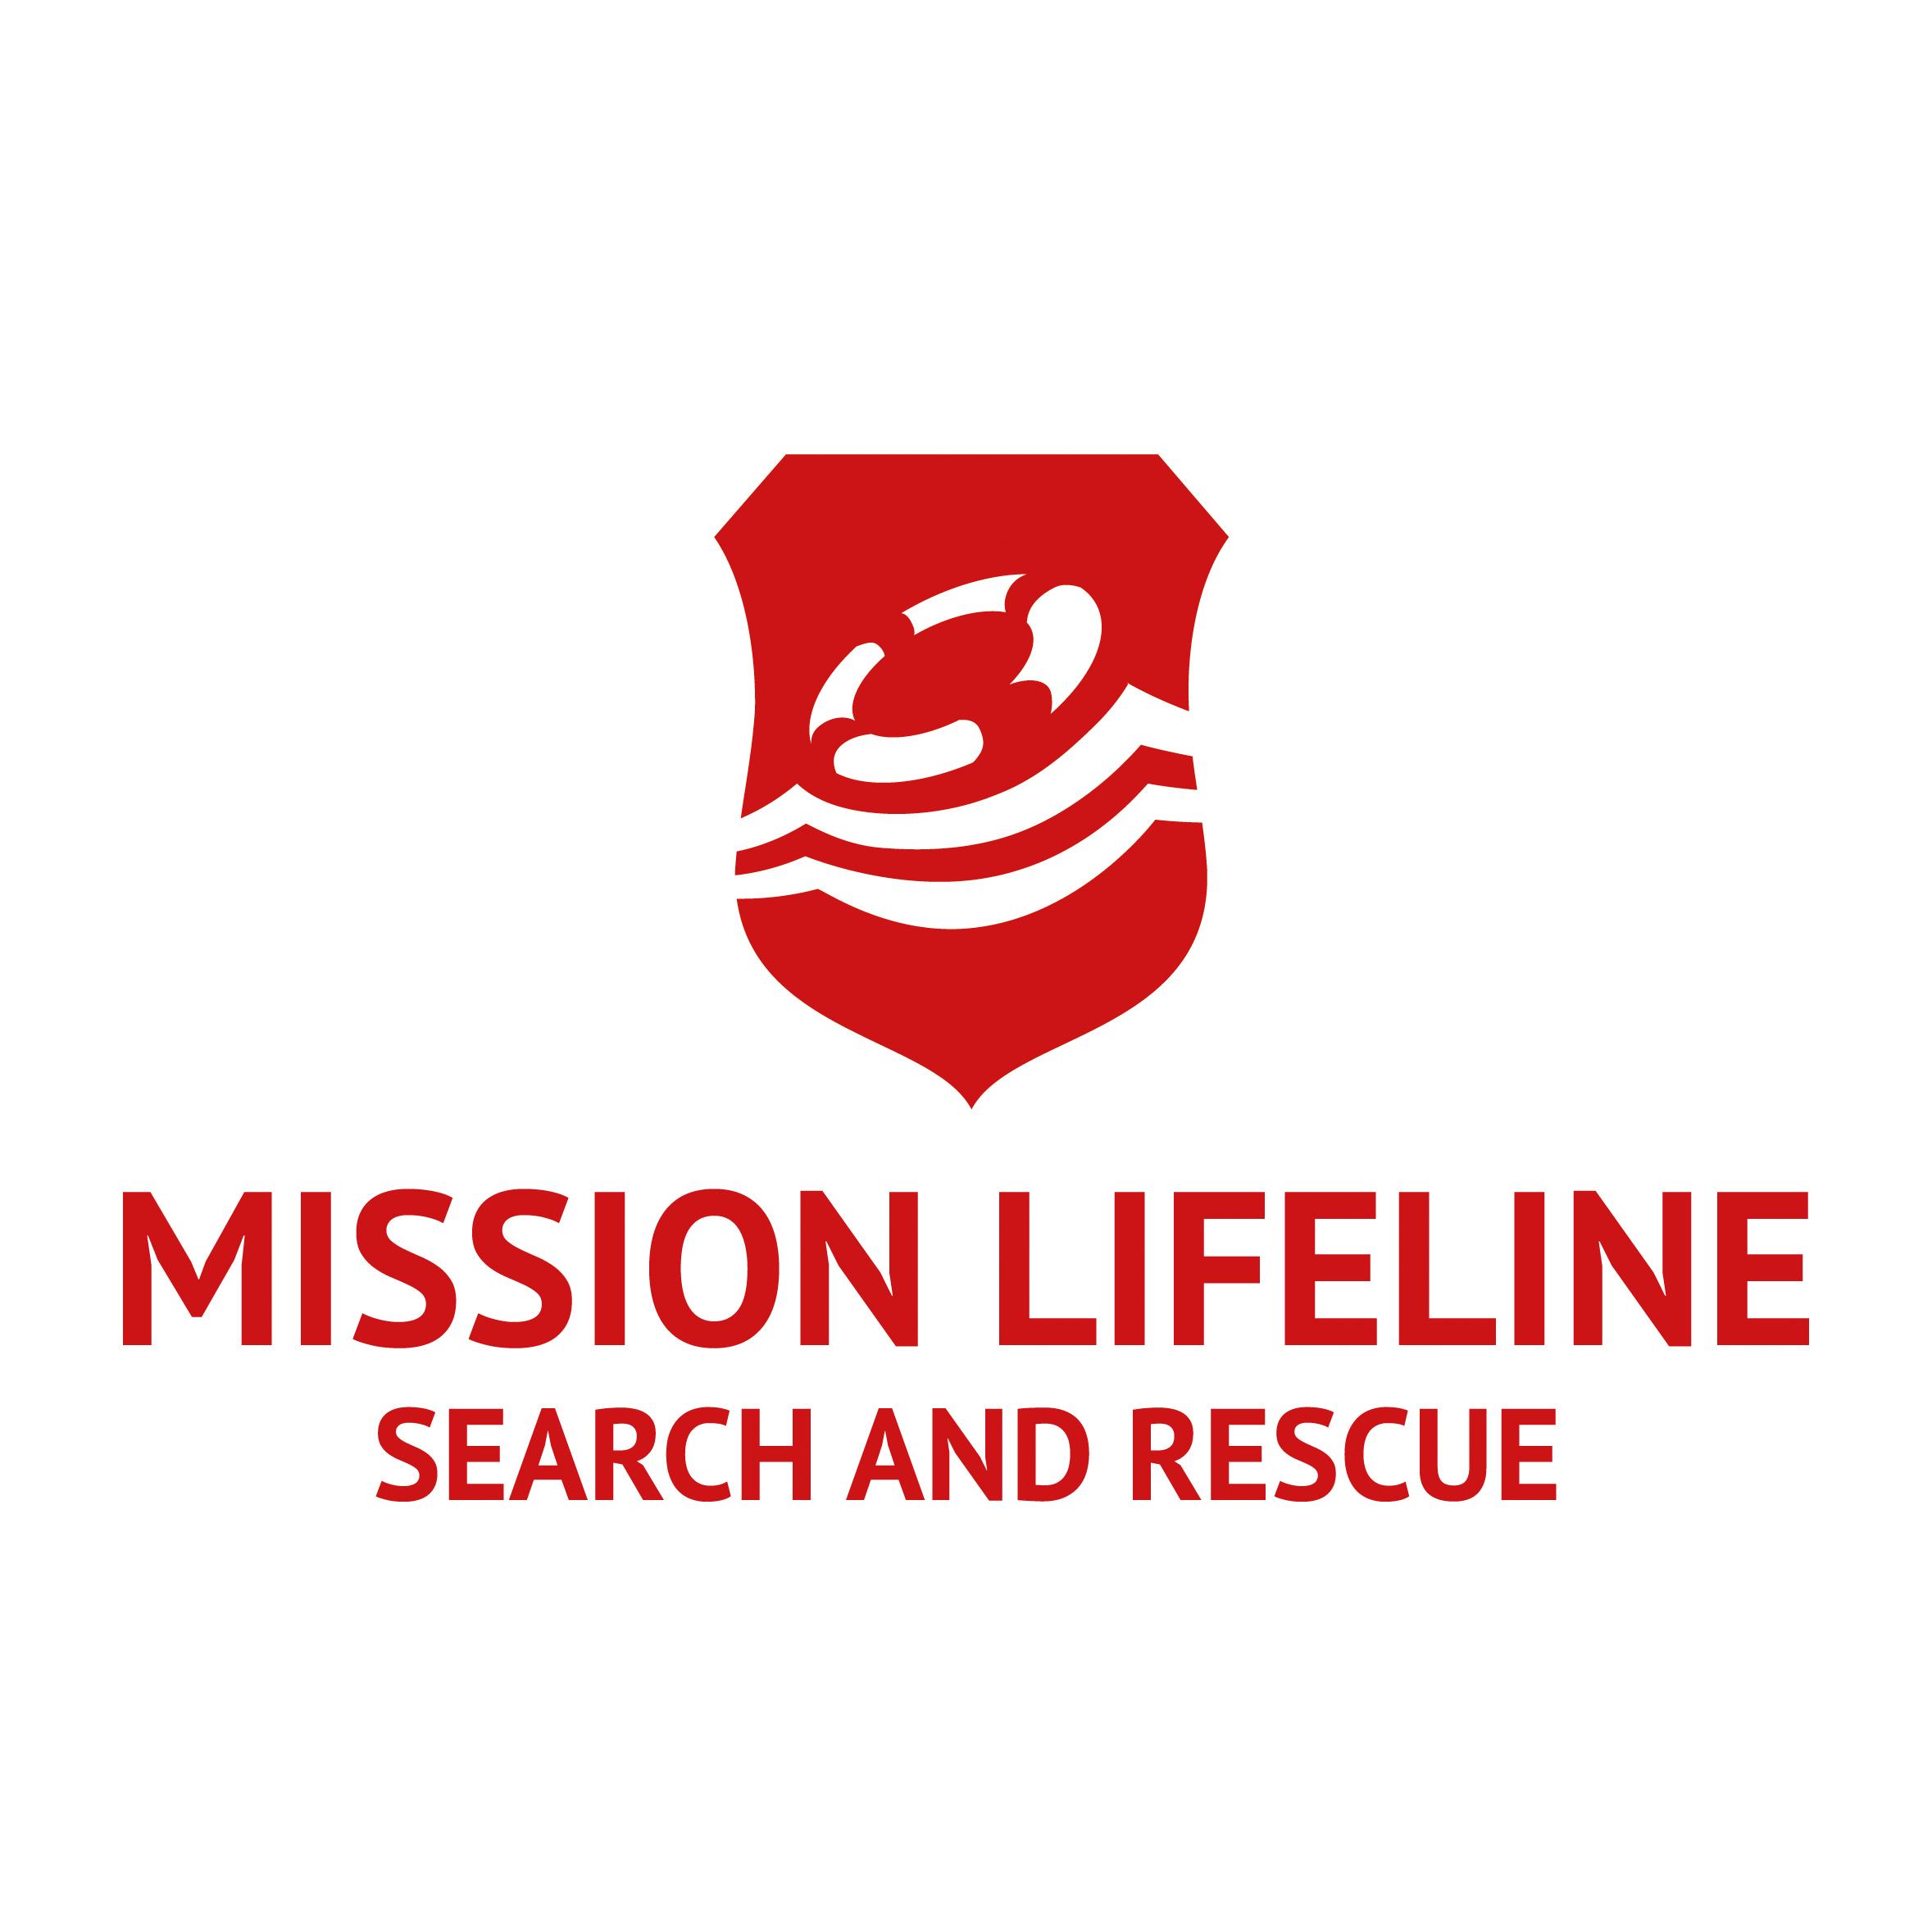 Mission Lifeline Ev Spende Für Unsere Organisation Betterplaceorg